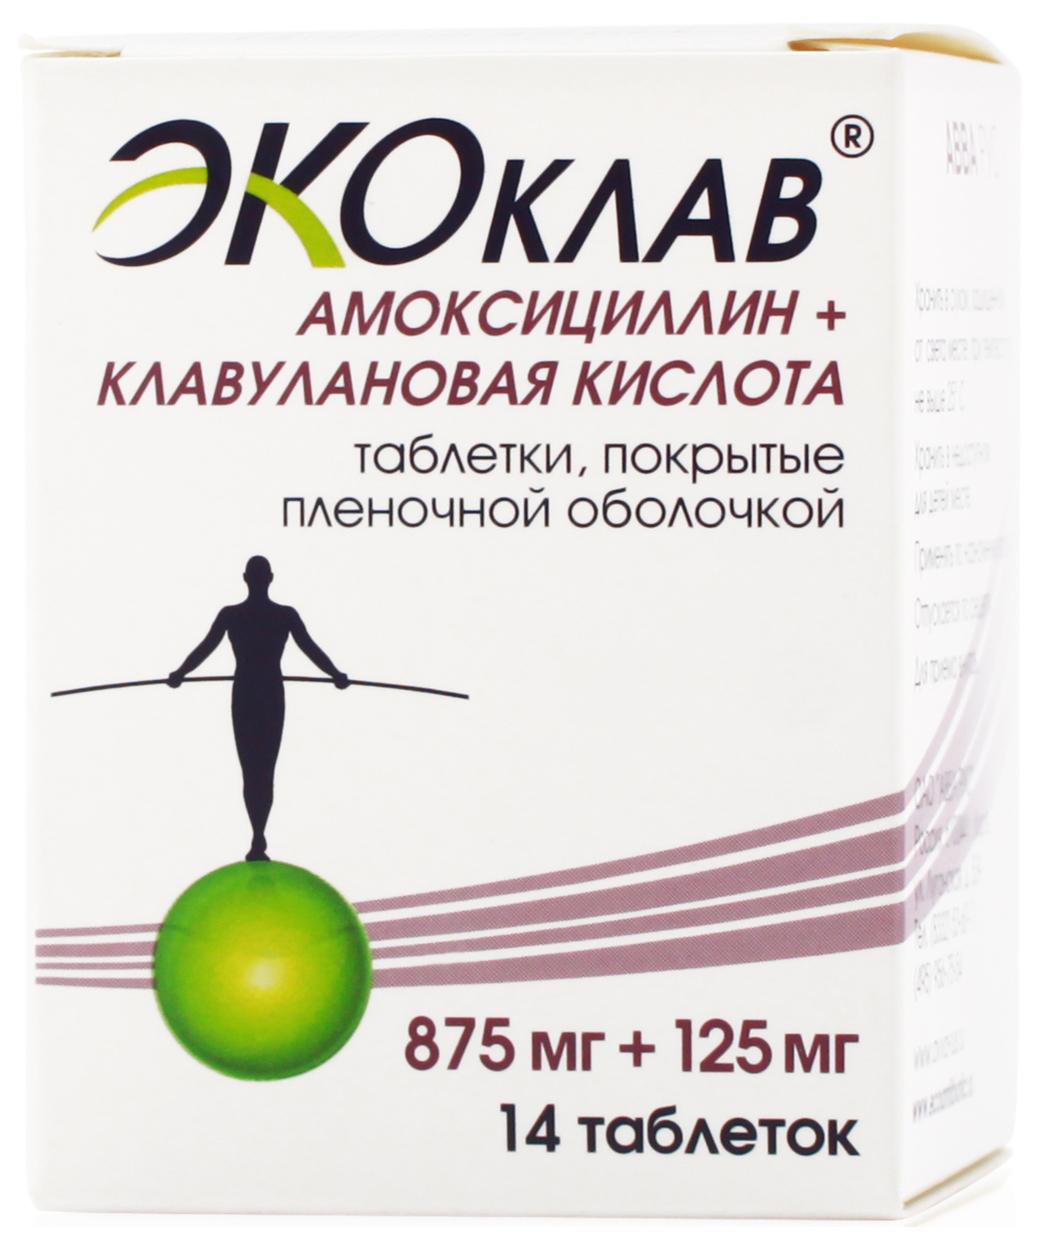 Экоклав таблетки, покрытые пленочной оболочкой 875 мг+125 мг №14